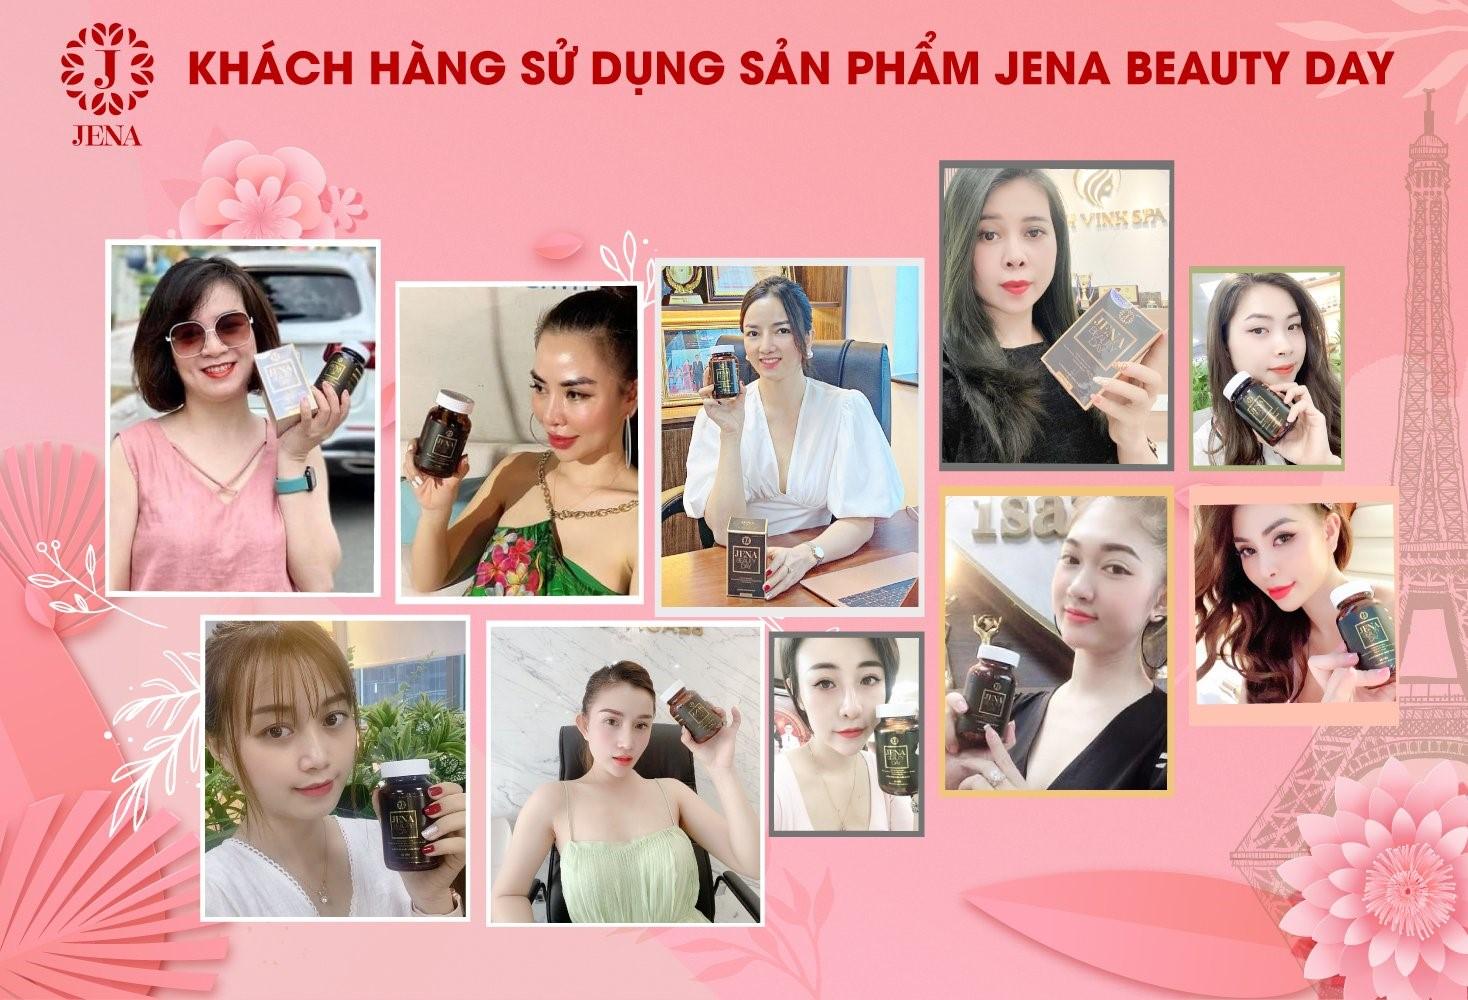 Jena Beauty Day được đông đảo chị em tin dùng mỗi ngày để chăm sóc làn da từ bên trong..